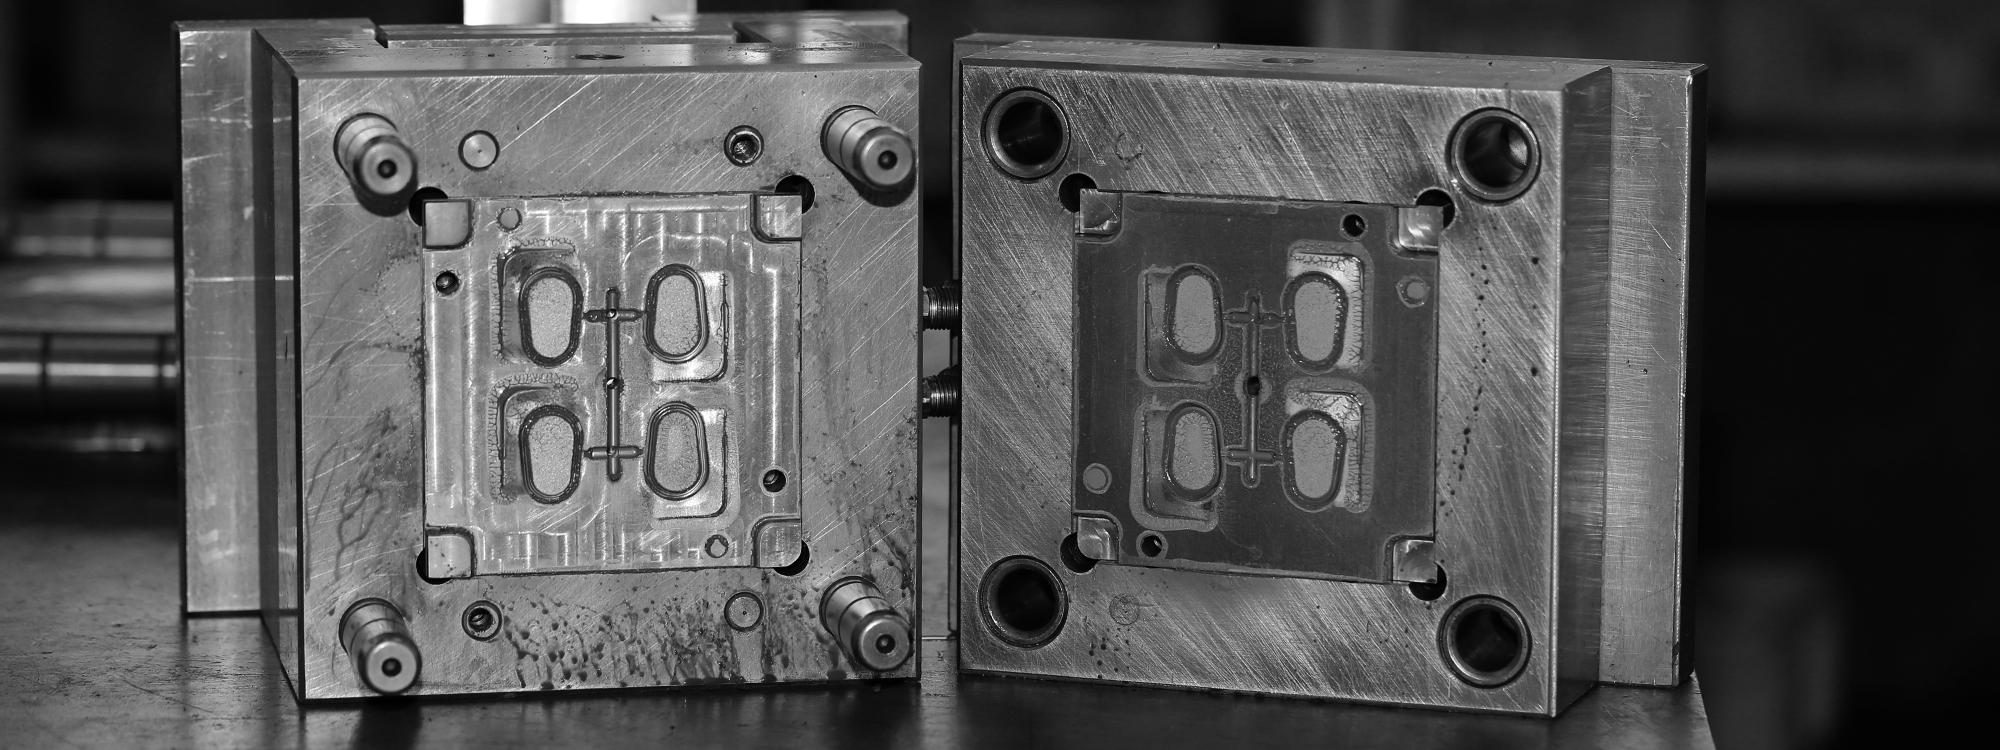 オリジナルブランドでケースを作る時に発生する金型代。とても値段が高いんです。